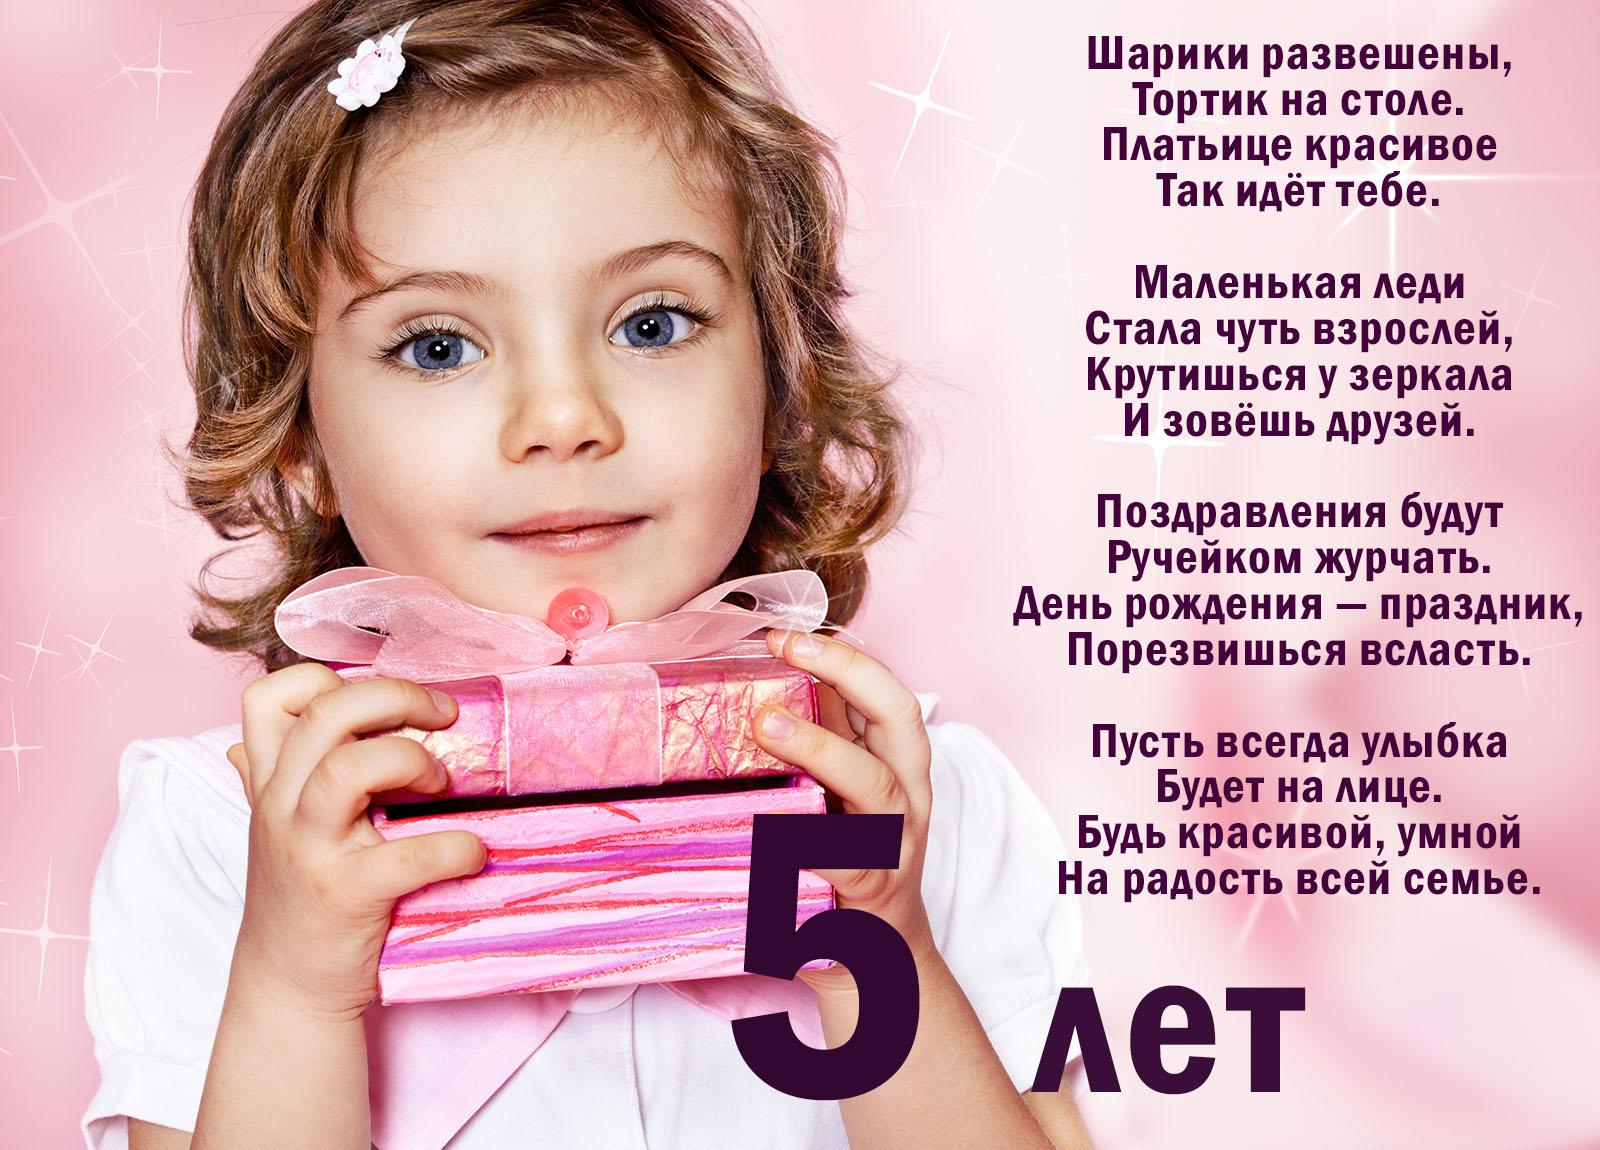 Открытки на день рождения для девочки на 5 лет 48